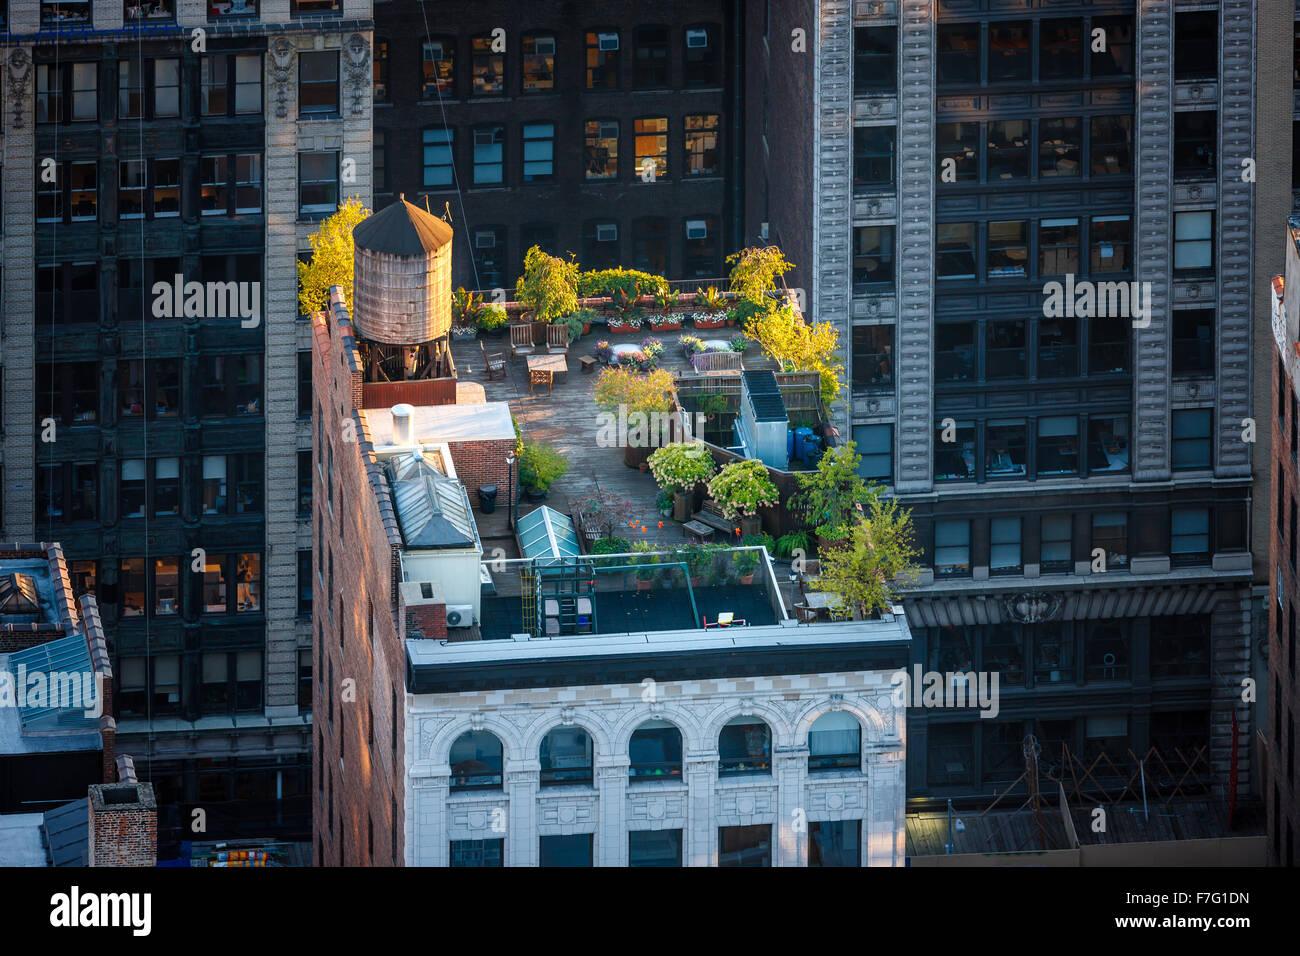 Luftaufnahme von einem Dach Manhattan im Herzen von New York City. Dachgarten in Chelsea mit sonnenbeschienenen Stockbild